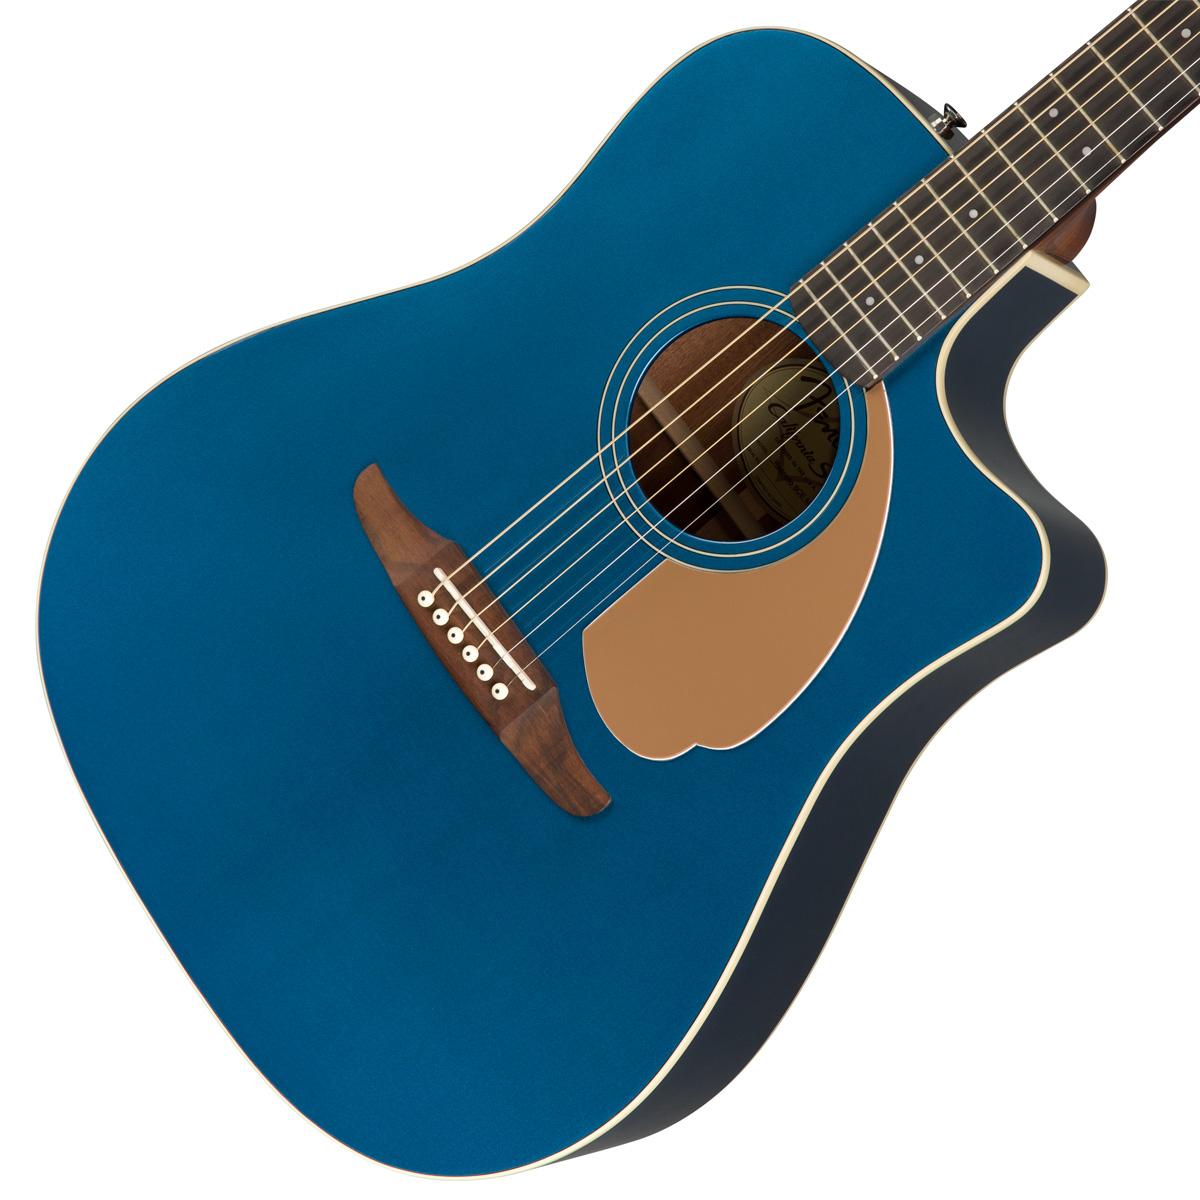 【タイムセール:29日12時まで】【在庫有り】 FENDER / REDONDO PLAYER BELMONT BLUE (BLBW) 【CALIFORNIA SERIES】アコースティックギター【YRK】【新品特価】